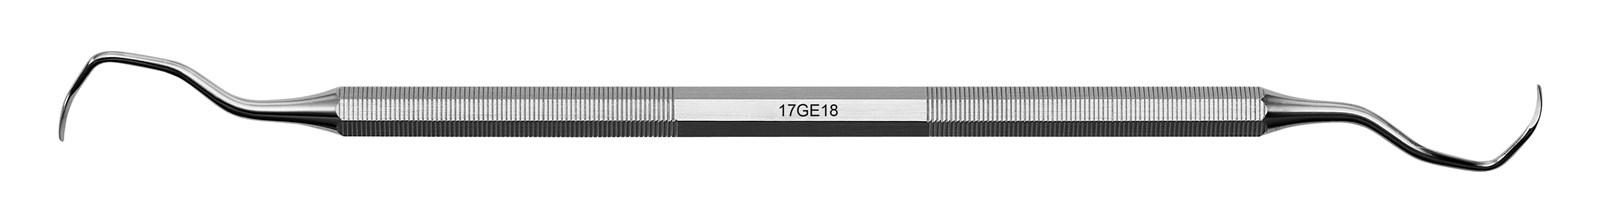 Kyreta Gracey Classic - 17GE18, ADEP silikonový návlek světle zelený